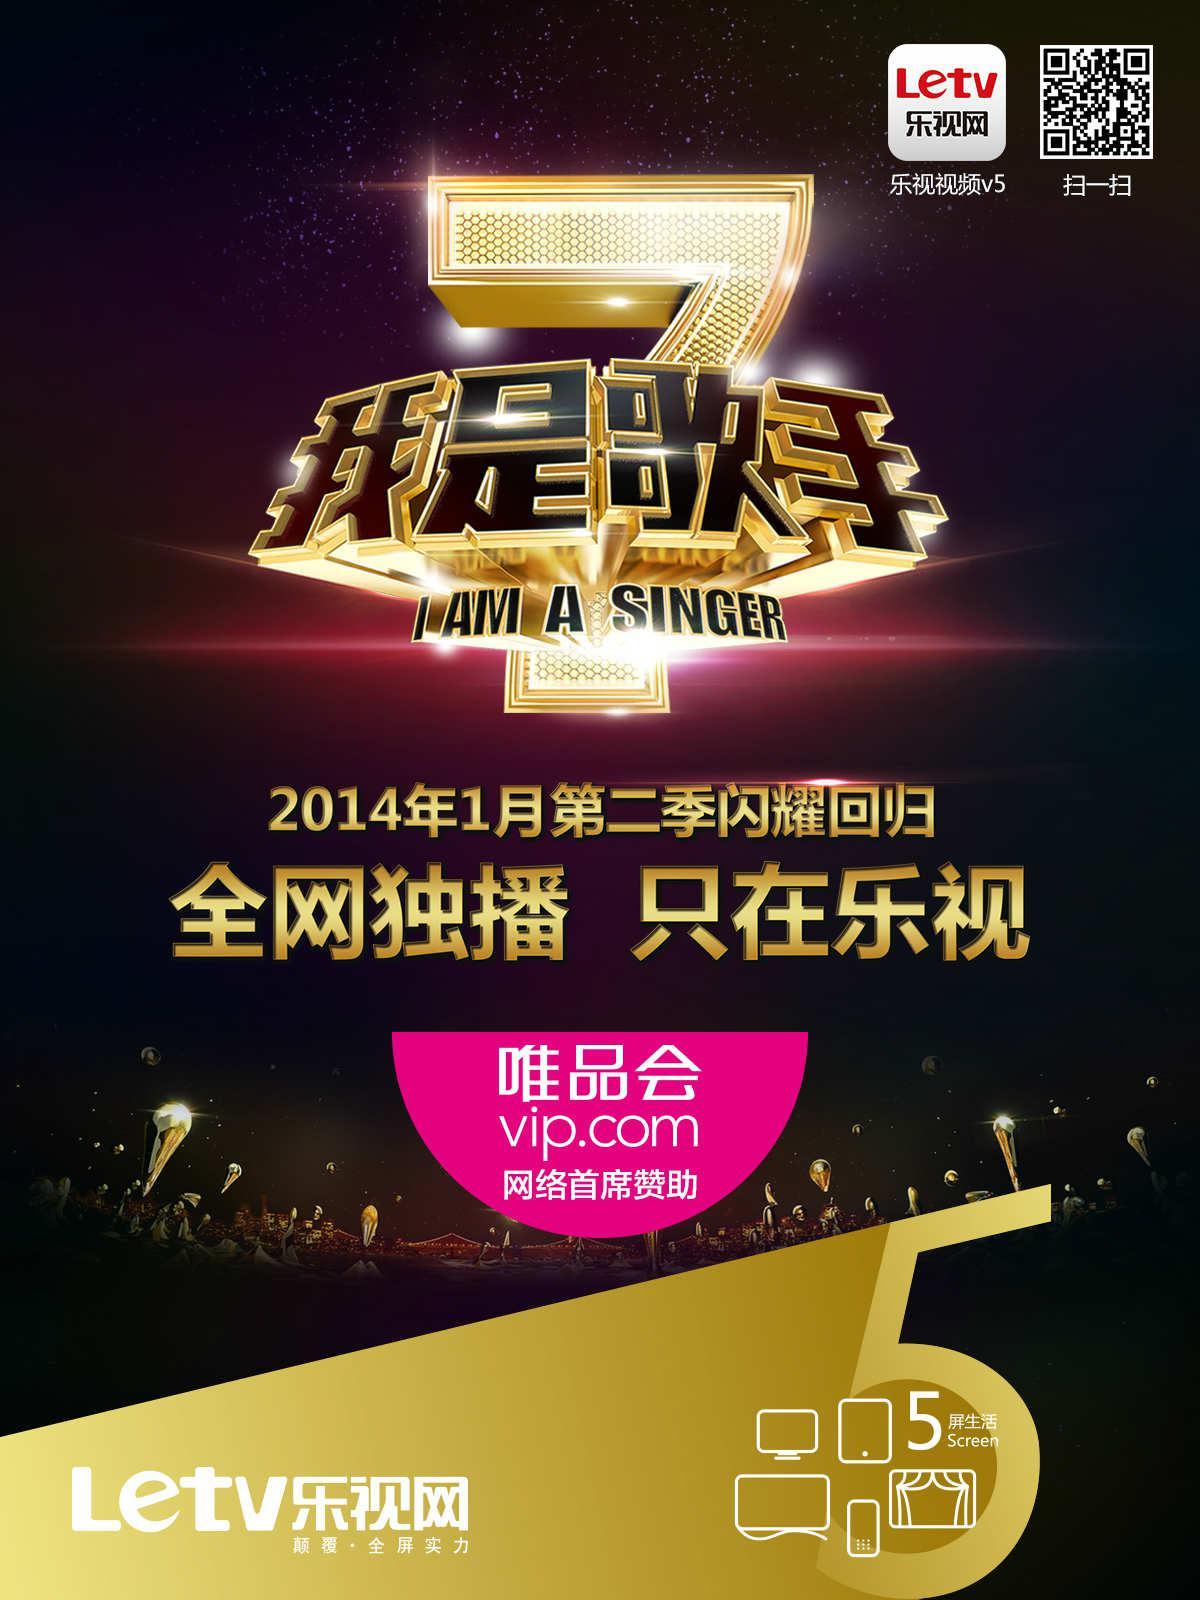 """我是歌手邓超_《我是歌手2》专用app""""乐视视频""""周末两日猛增近30%_科技_环球网"""